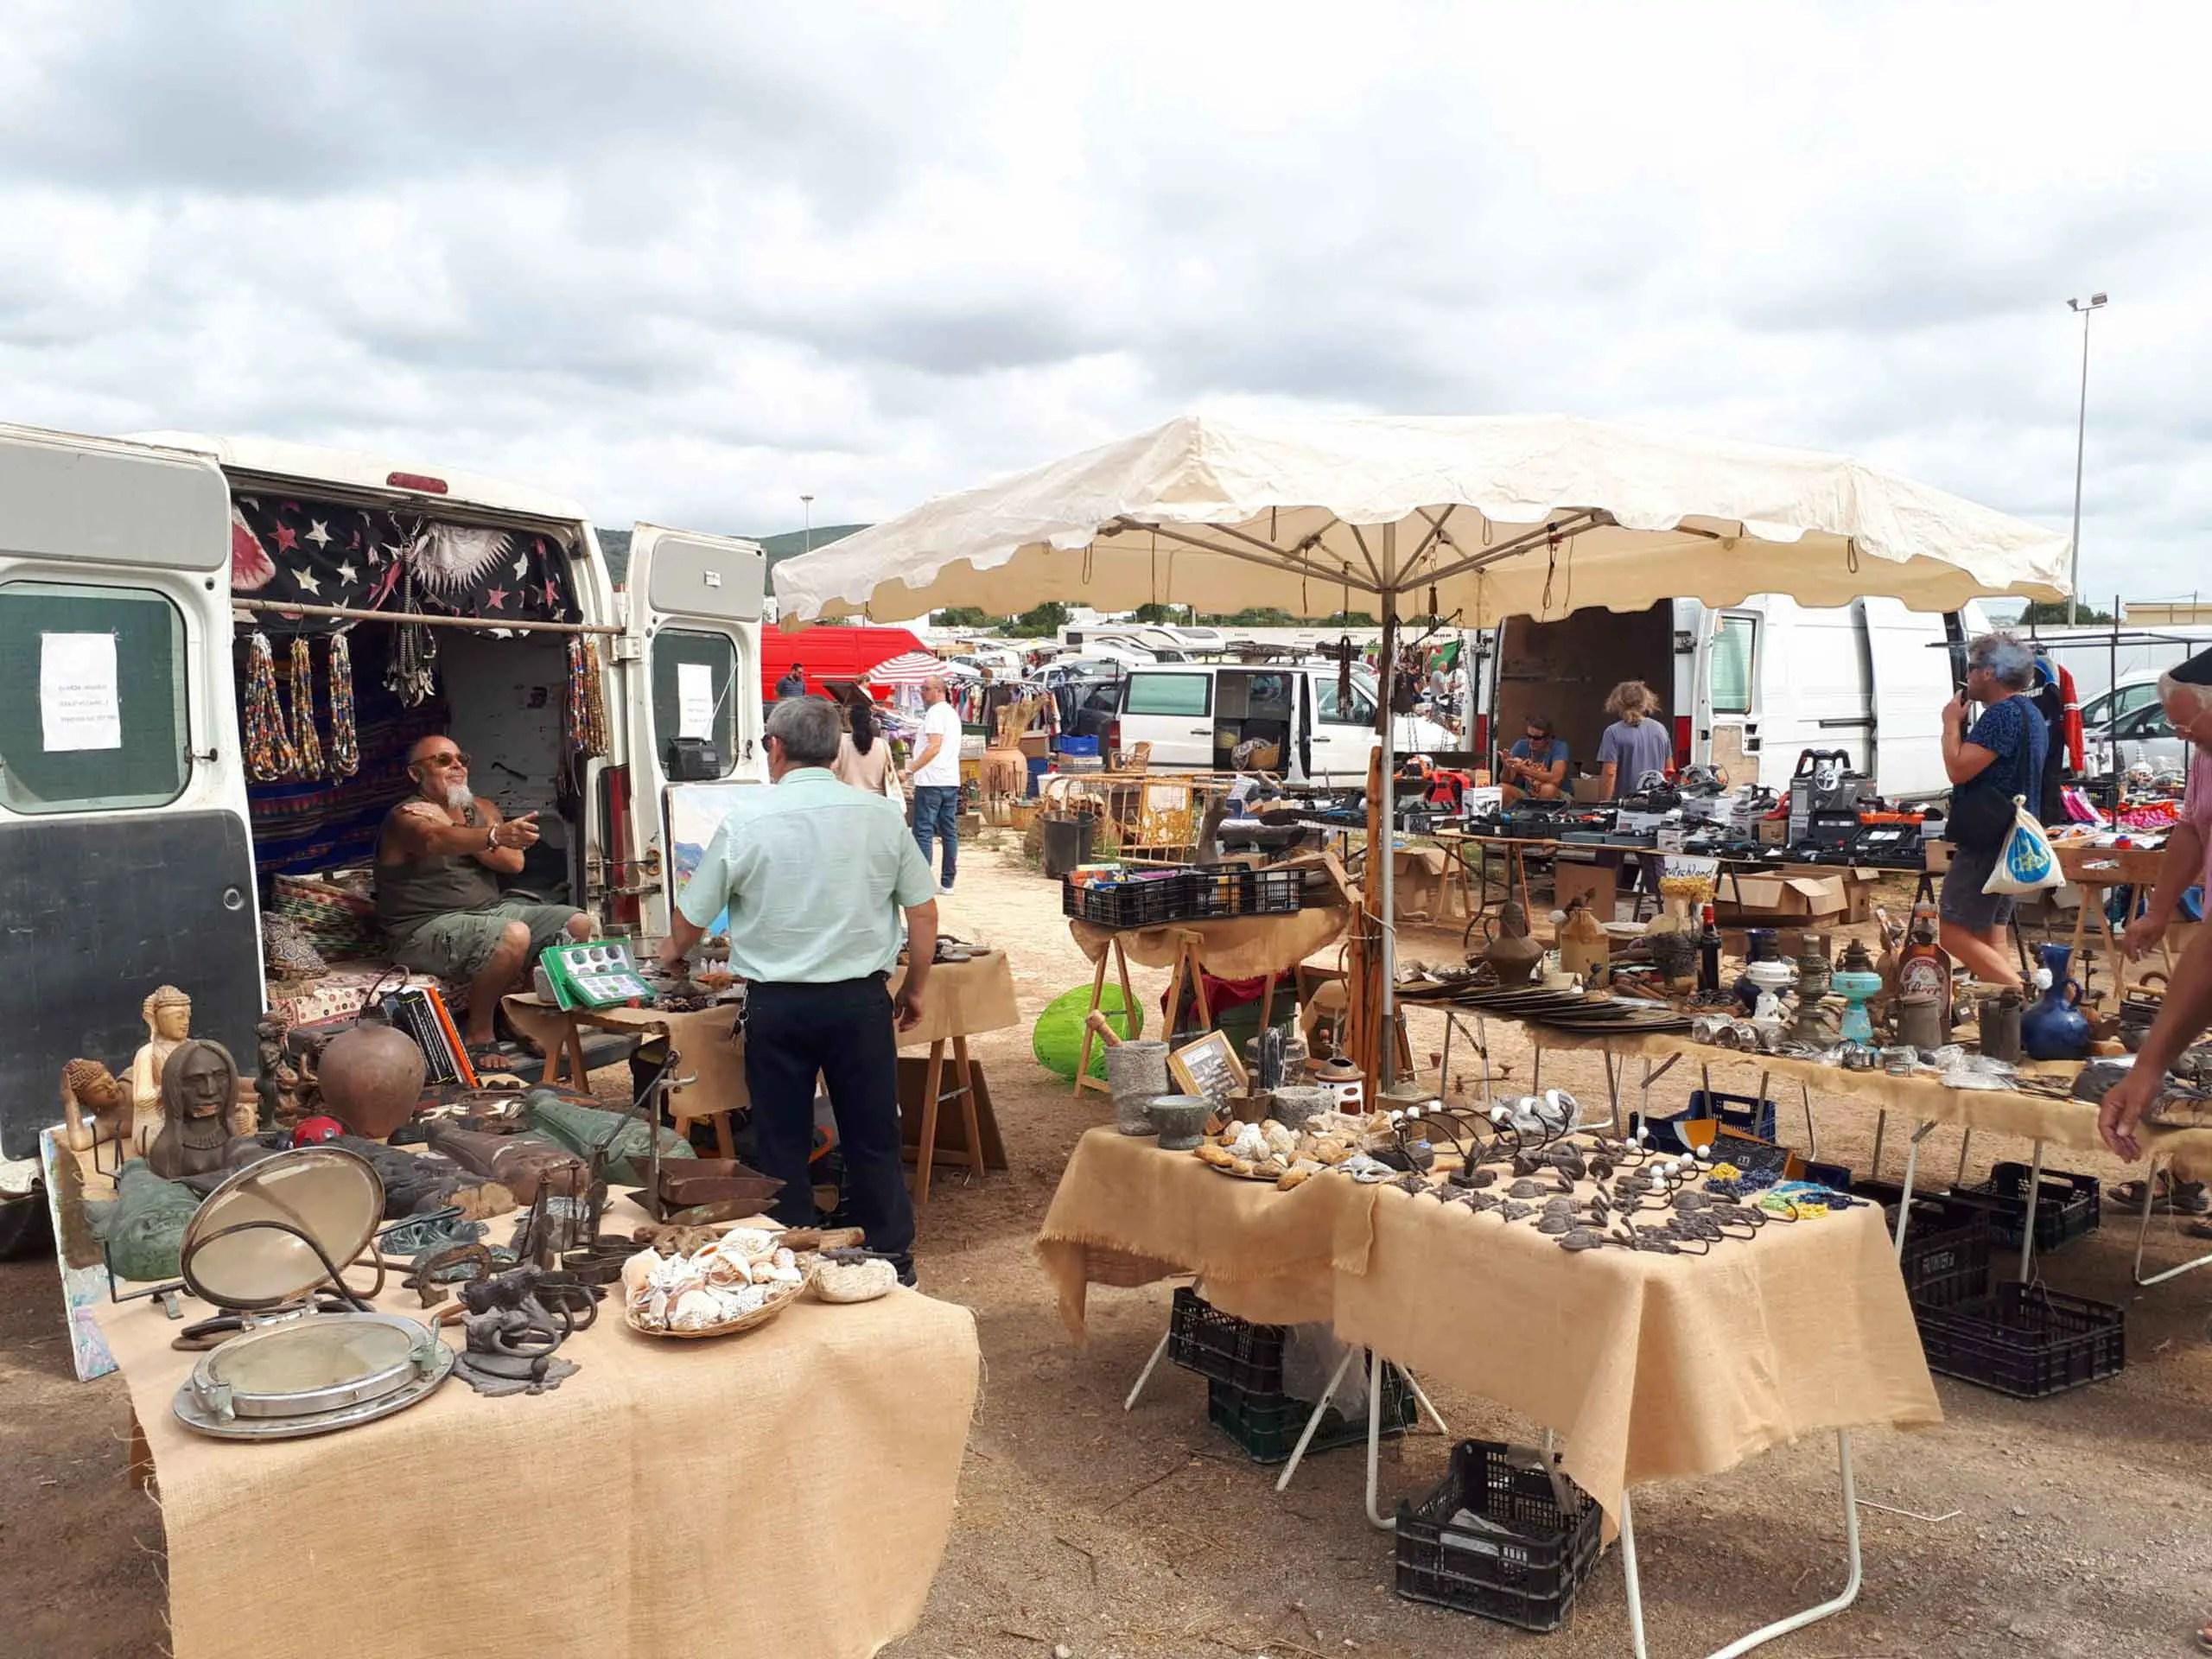 Sant Jordi markt Ibiza - Kunst en kitsch, antiek en prullaria te koop uitgestald op enkele tafels met een parasol erboven